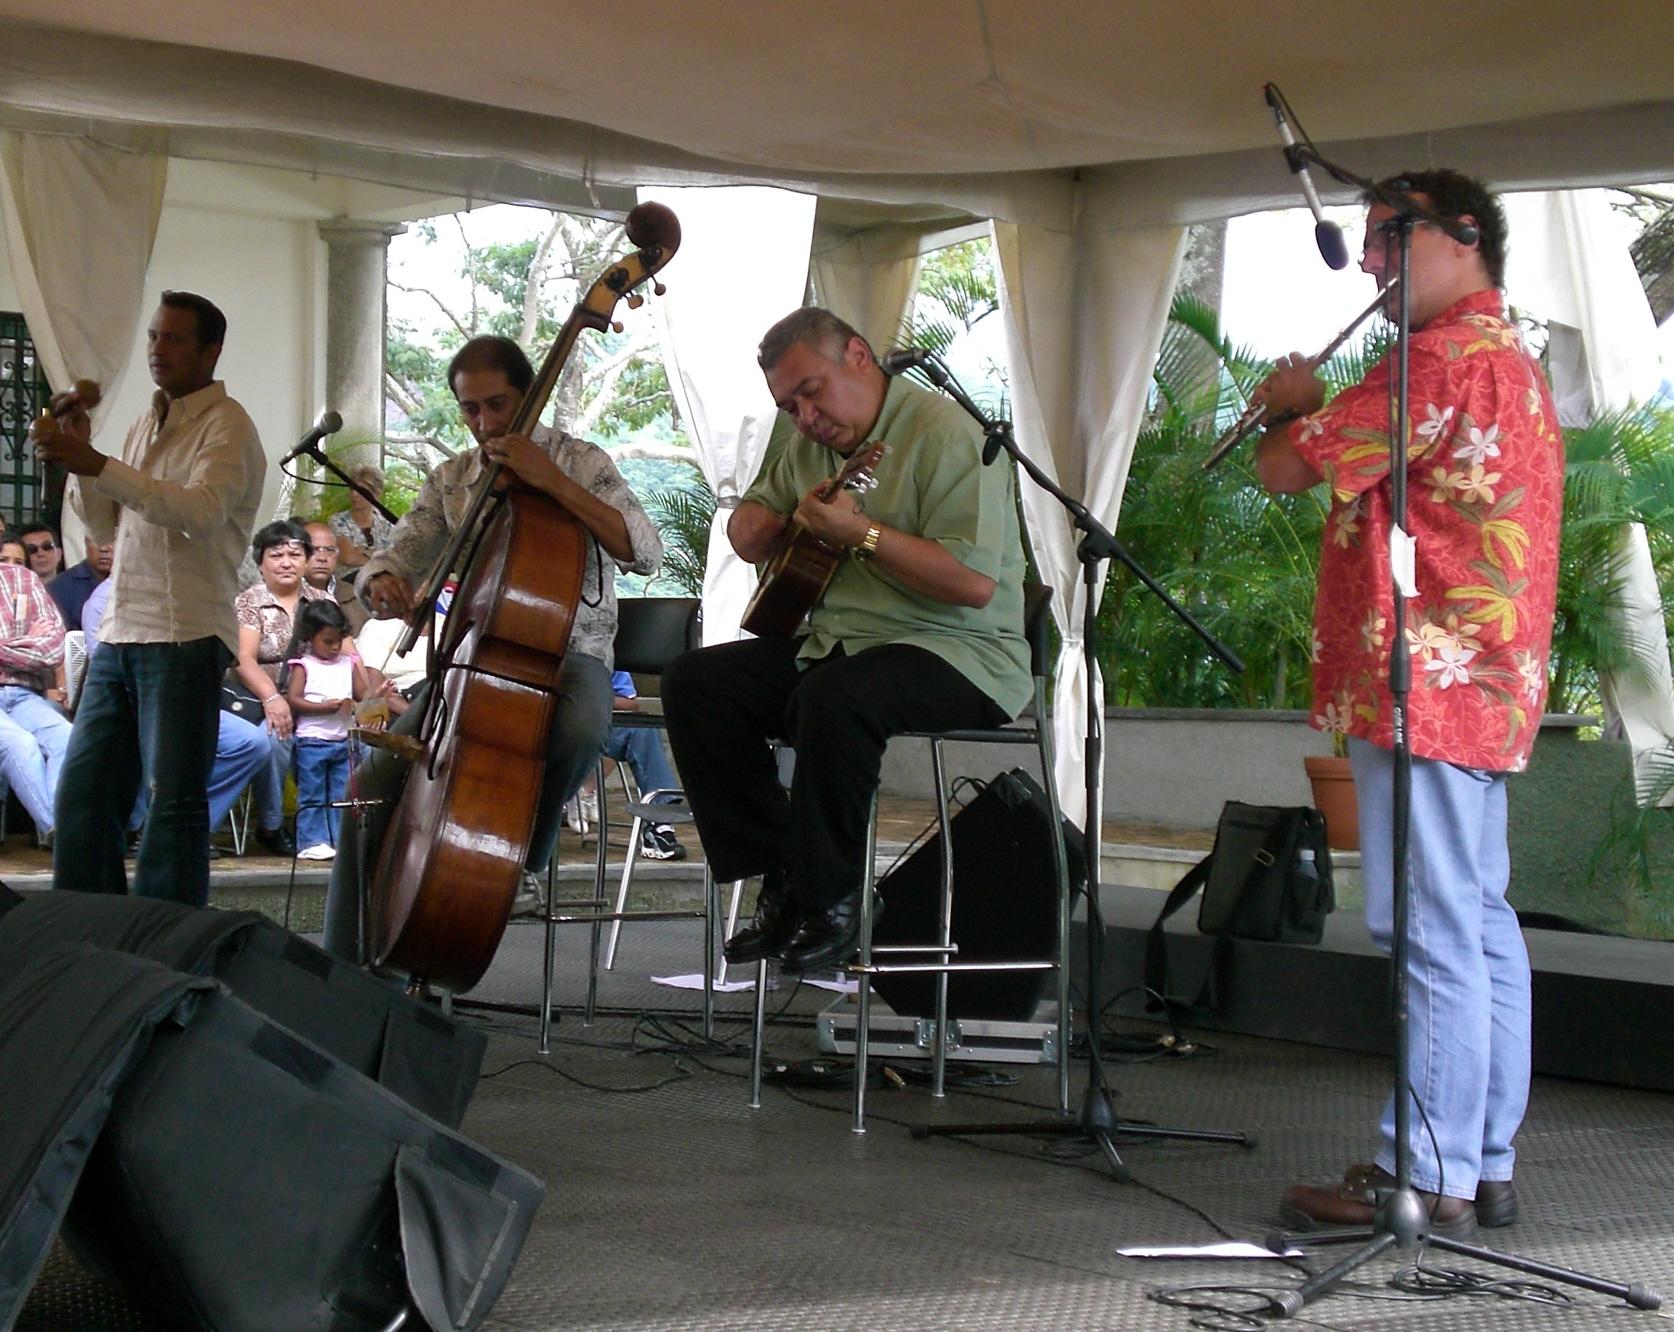 Ensamble Gurrufío. De izquierda a derecha: Juan Ernesto Laya, David Peña, Cheo Hurtado y Luis Julio Toro.